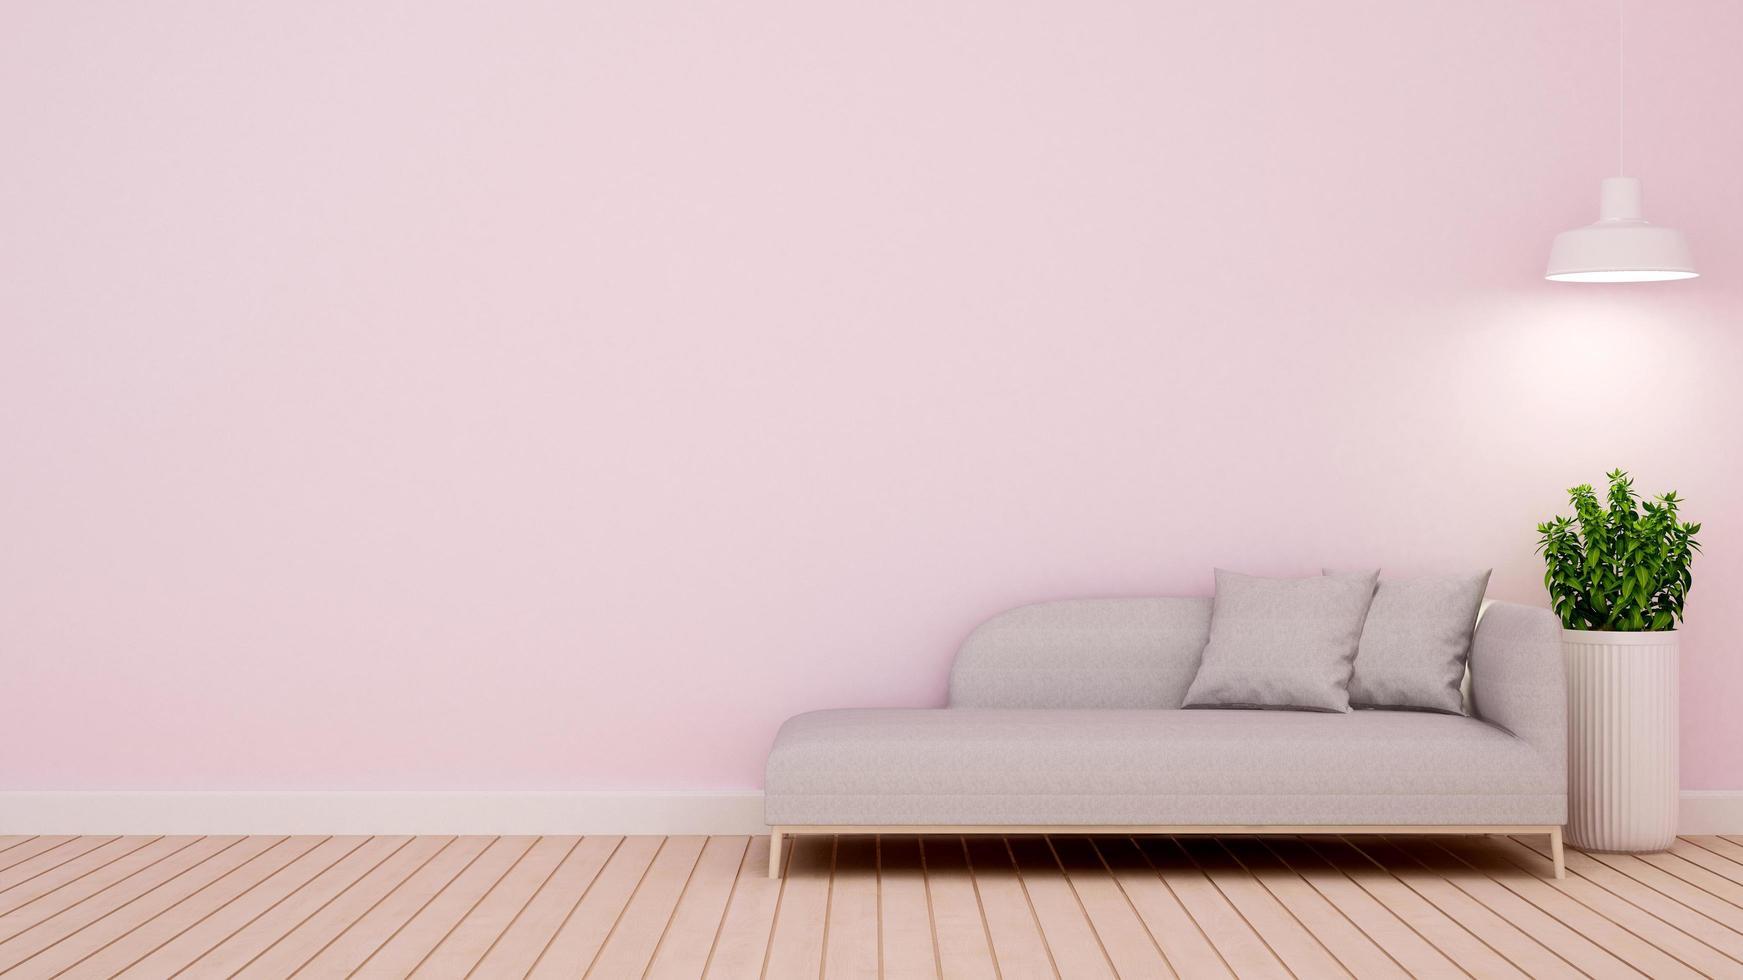 Wohnzimmer im Haus oder Wohnung foto